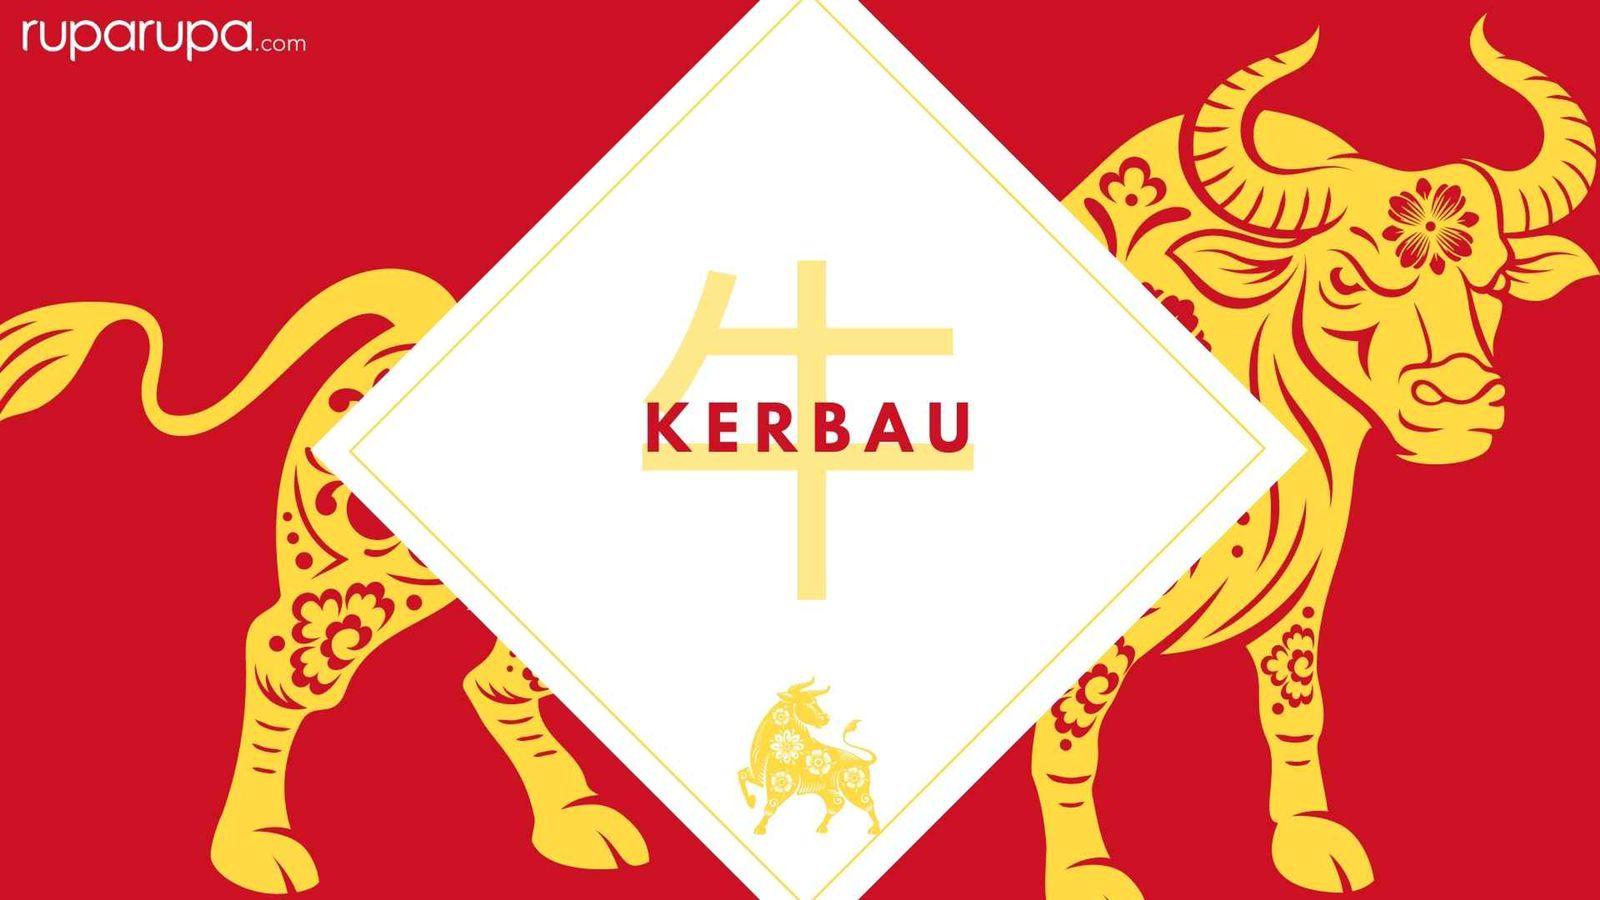 Shio Kerbau